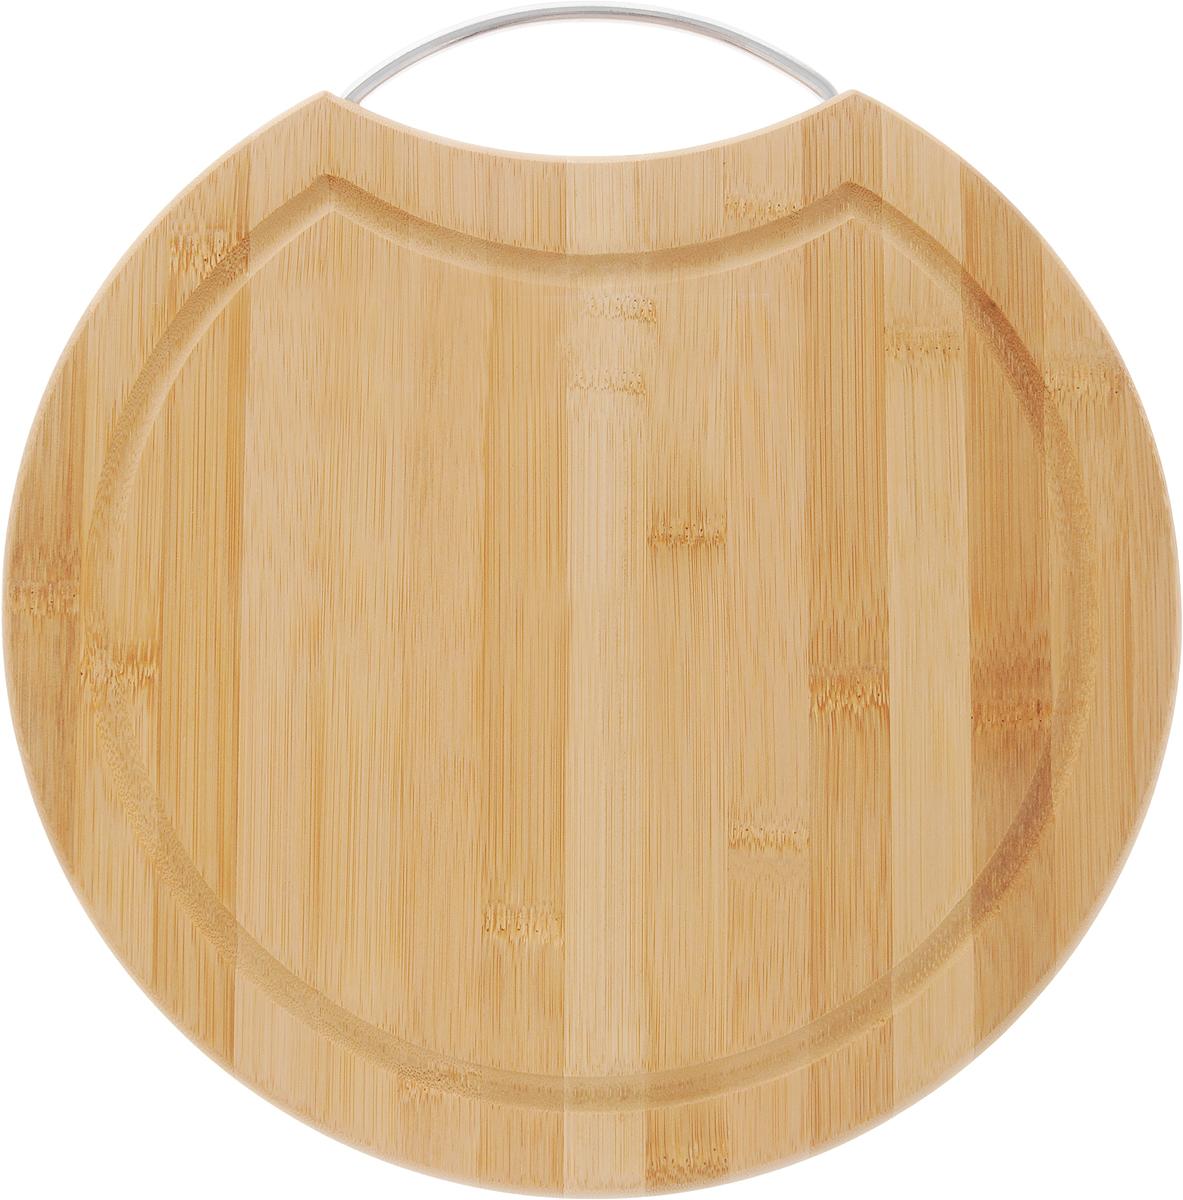 Доска разделочная LarangE От шефа, 31 х 31 х 1,5 см624-174Доска разделочная LarangE От Шефа изготовлена из высококачественного бамбука. Доска предназначена для нарезки продуктов, может служить как подставка для закусок (например, суши). Доска оснащена желобом для стока жидкости и металлической ручкой, за которое доску можно подвесить на крючок. Такая доска станет отличным приобретением для вашей кухни.